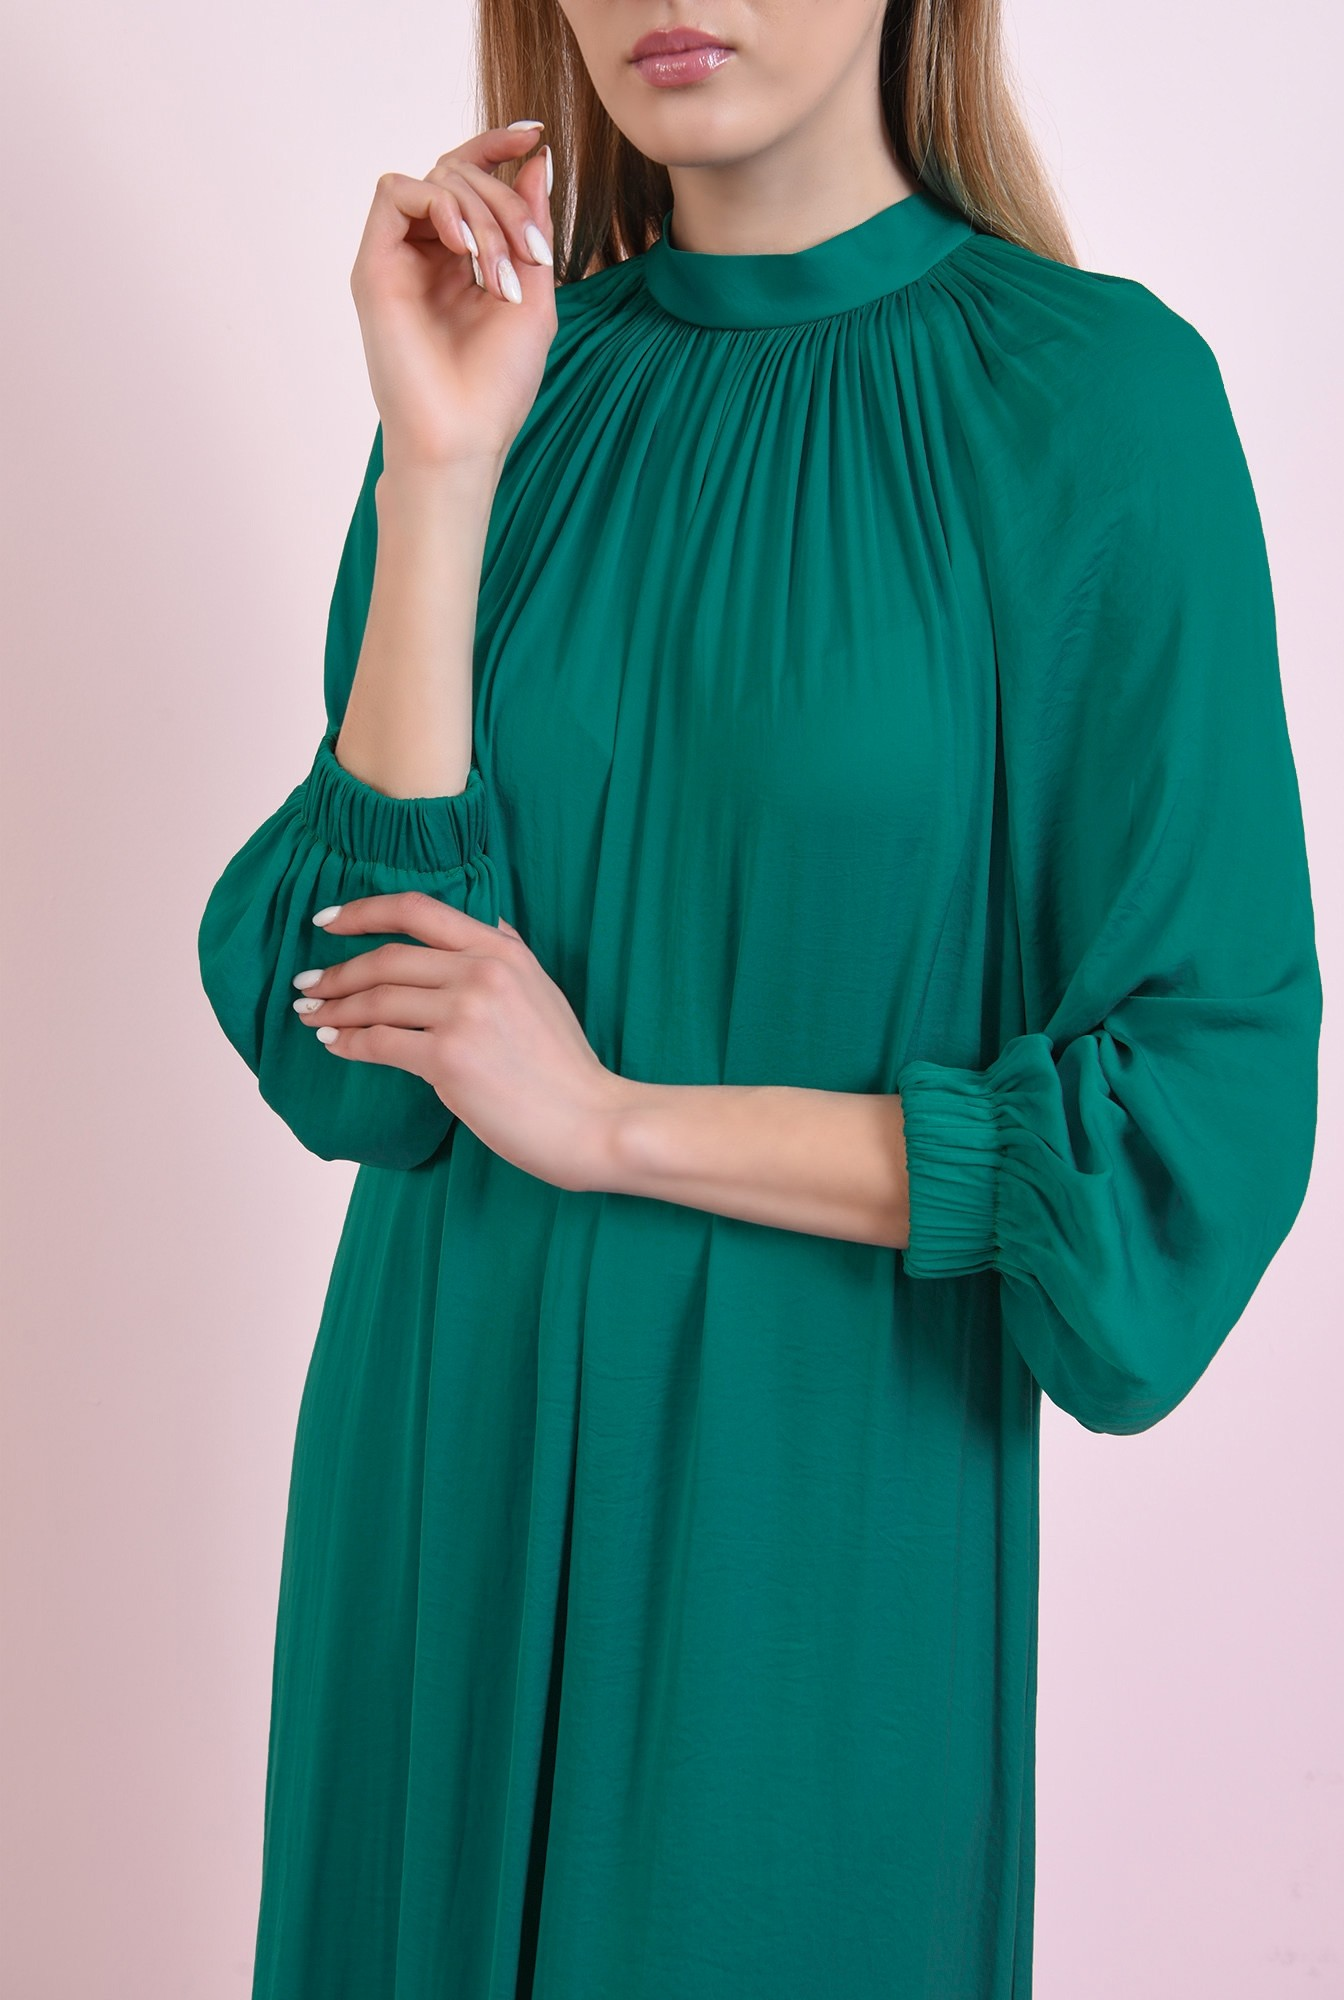 2 - rochie verde, din satin, Poema